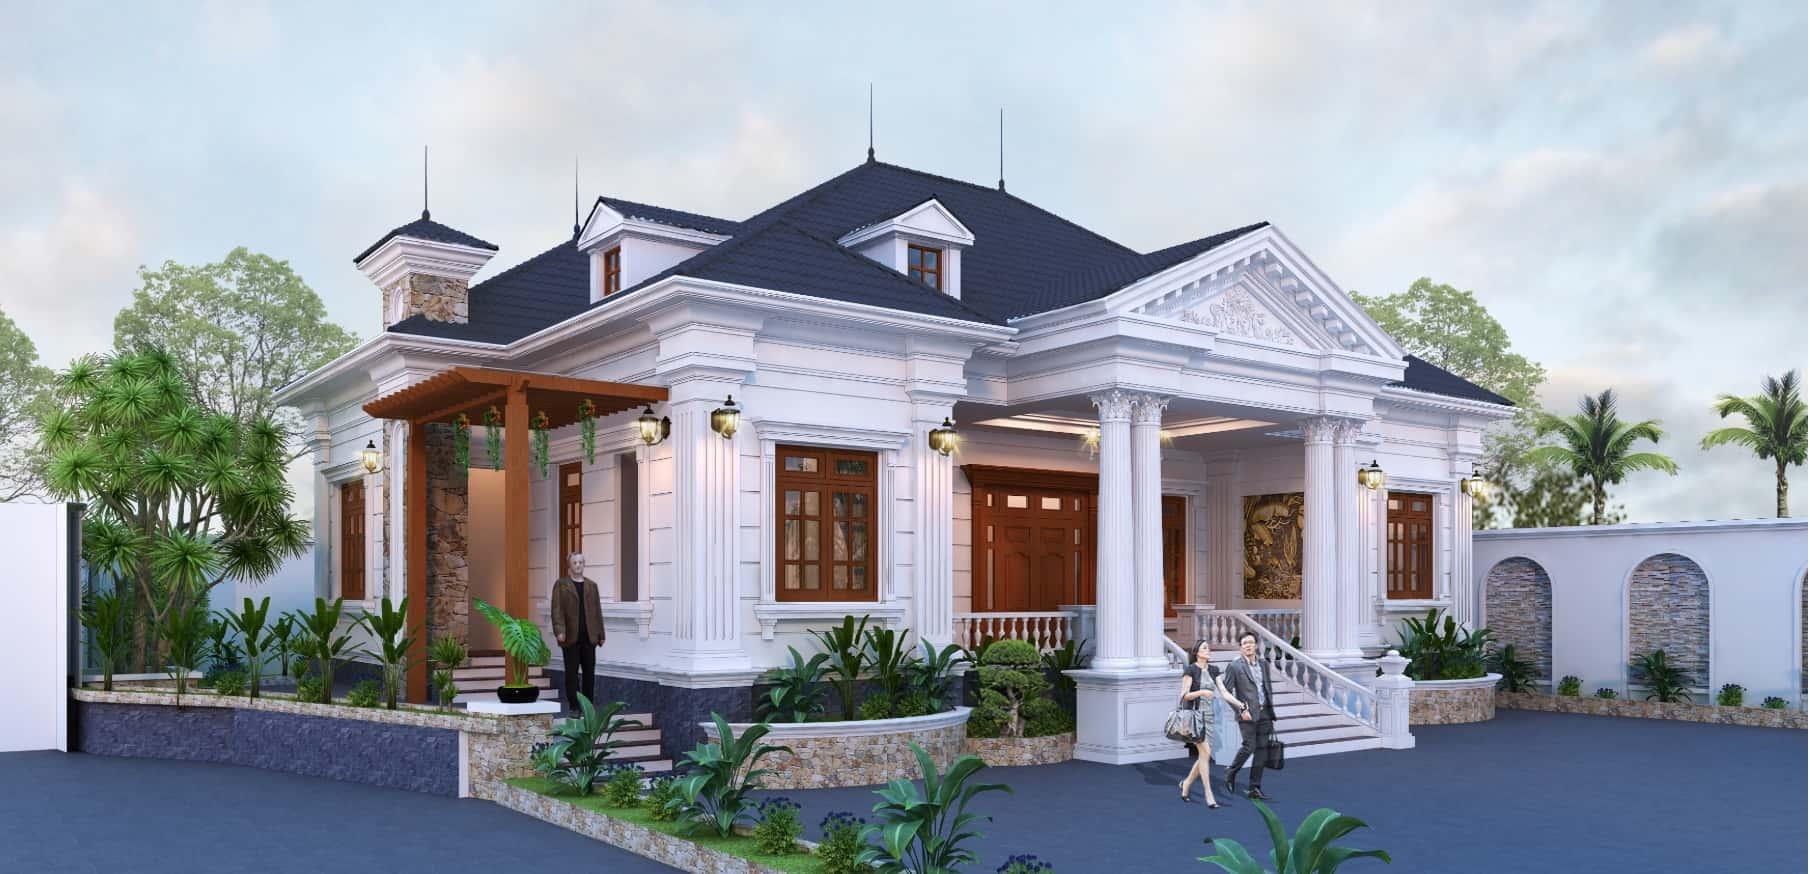 biet thu 1 tang tan co dien dep - Công trình biệt thự 1 tầng tân cổ điển mái thái đẹp